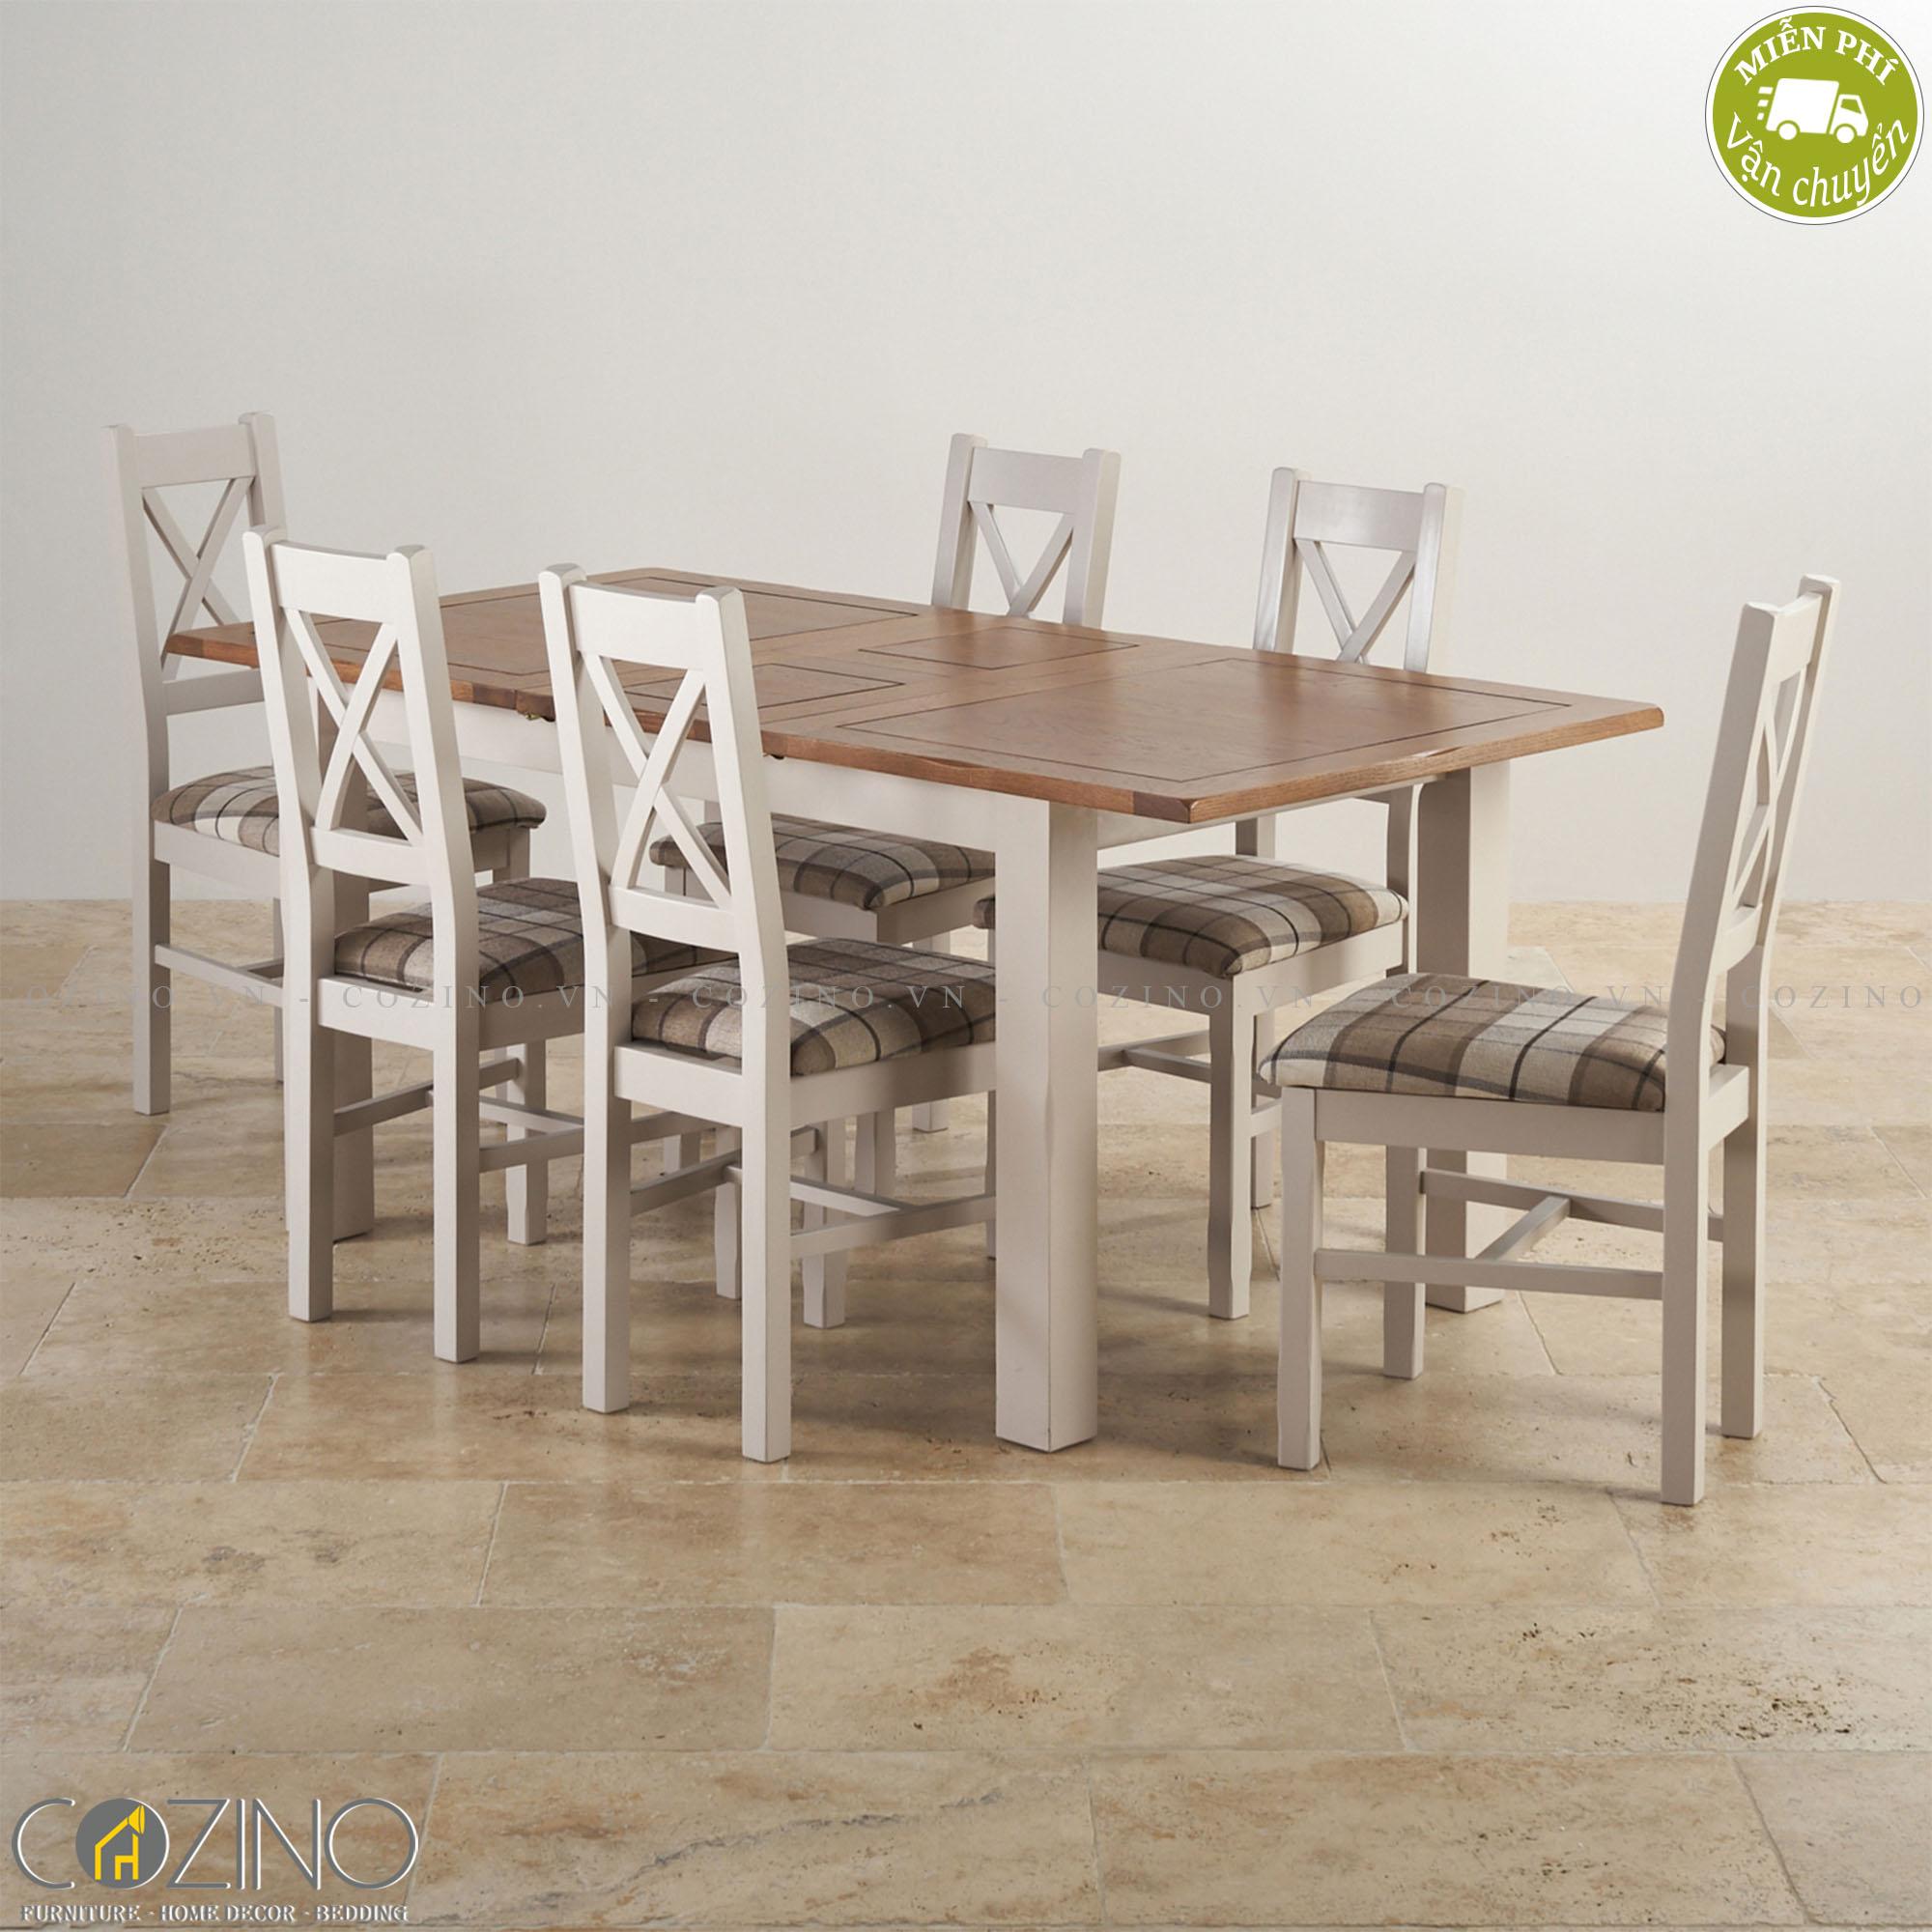 Bộ bàn ăn 6 chỗ Sintra 100% gỗ sồi 1m8 - cozino